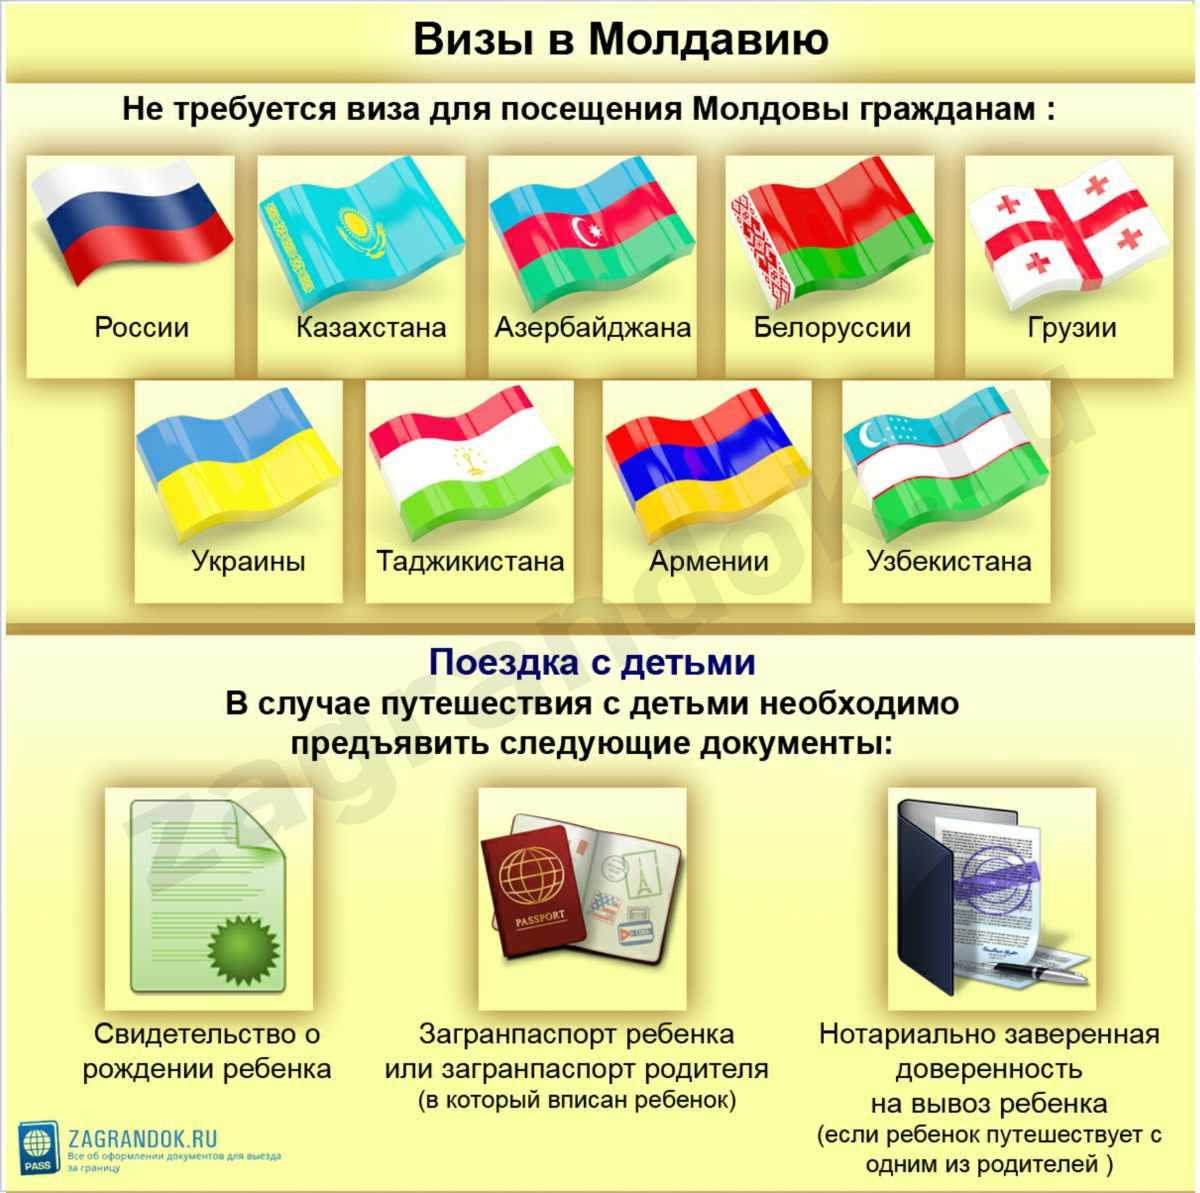 Визы в Молдавию